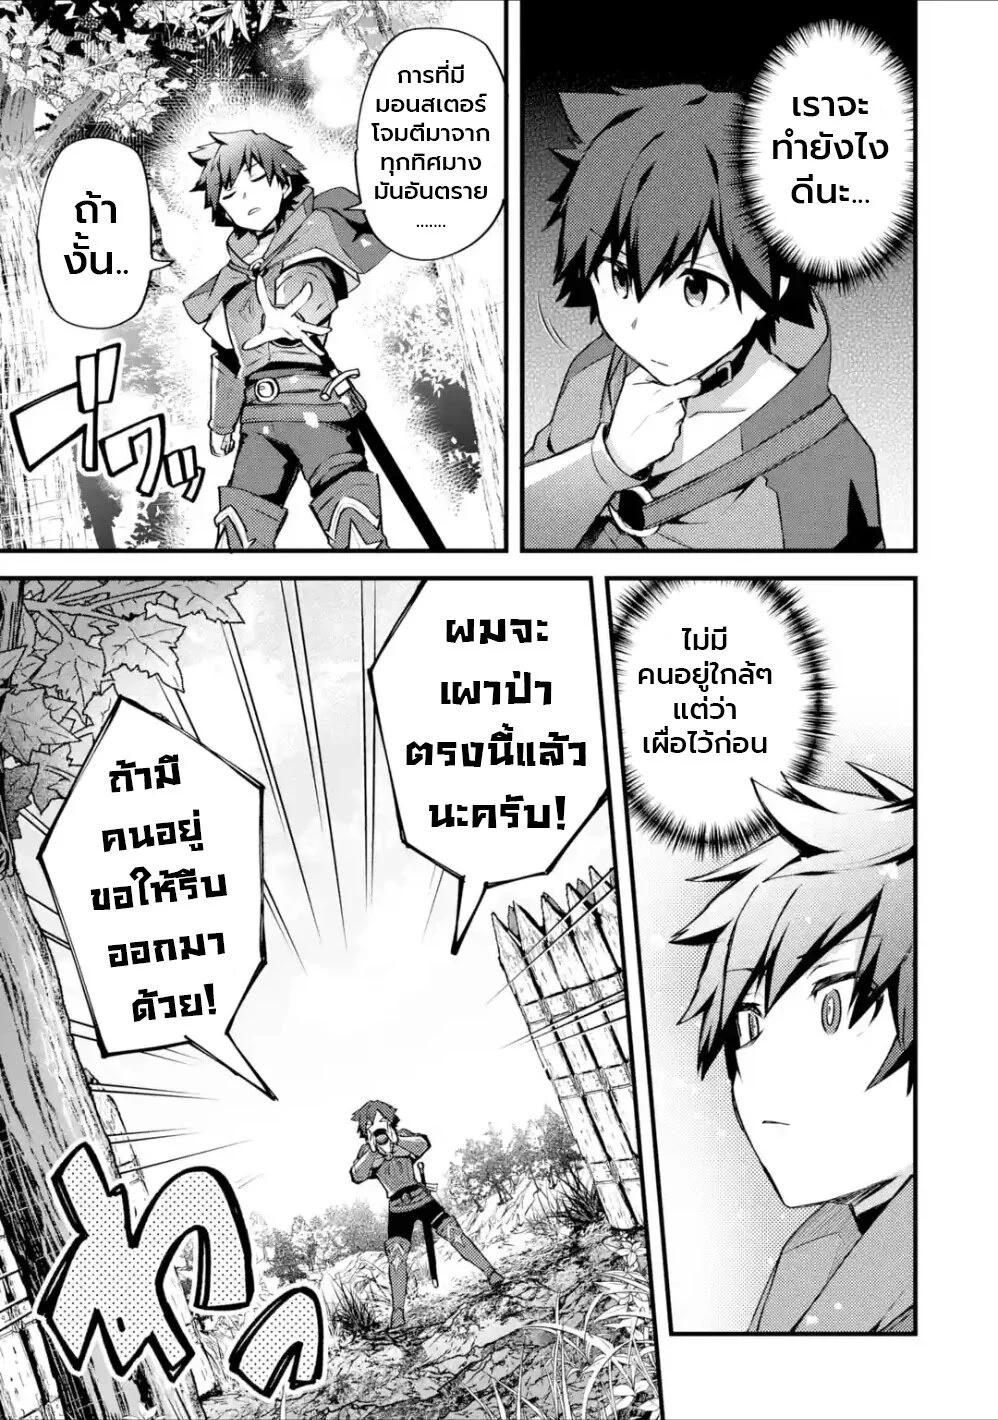 อ่านการ์ตูน Nido Tensei Shita Shounen wa S Rank Boukensha Toshite Heion ni Sugosu-zense ga kenja de eiyuu datta boku wa raisede wa jimini ikiru ตอนที่ 17 หน้าที่ 8